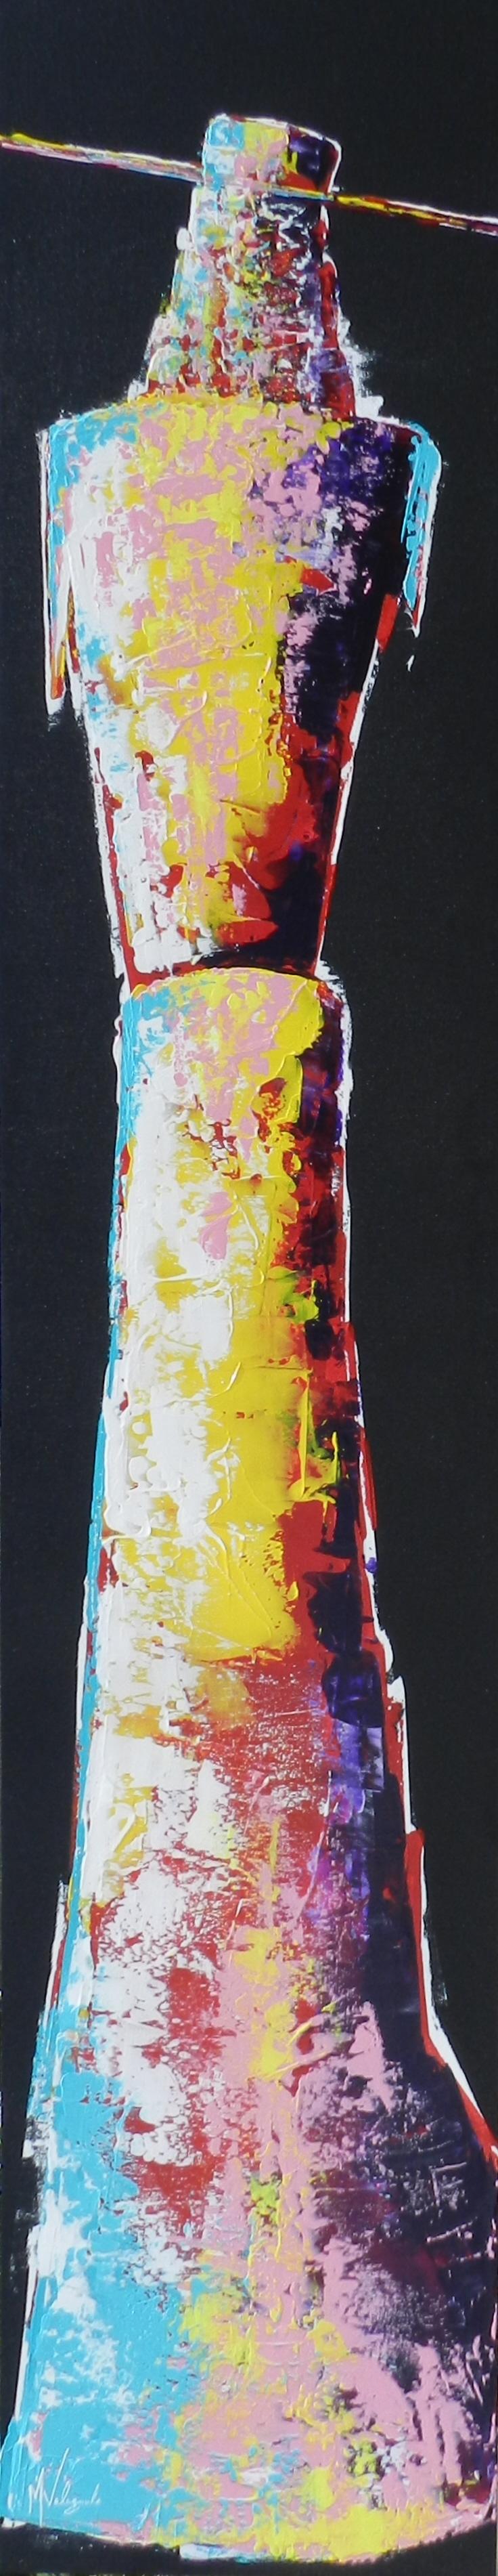 Gypsy, Manny Valenzuela, Painting, Rogoway Gallery